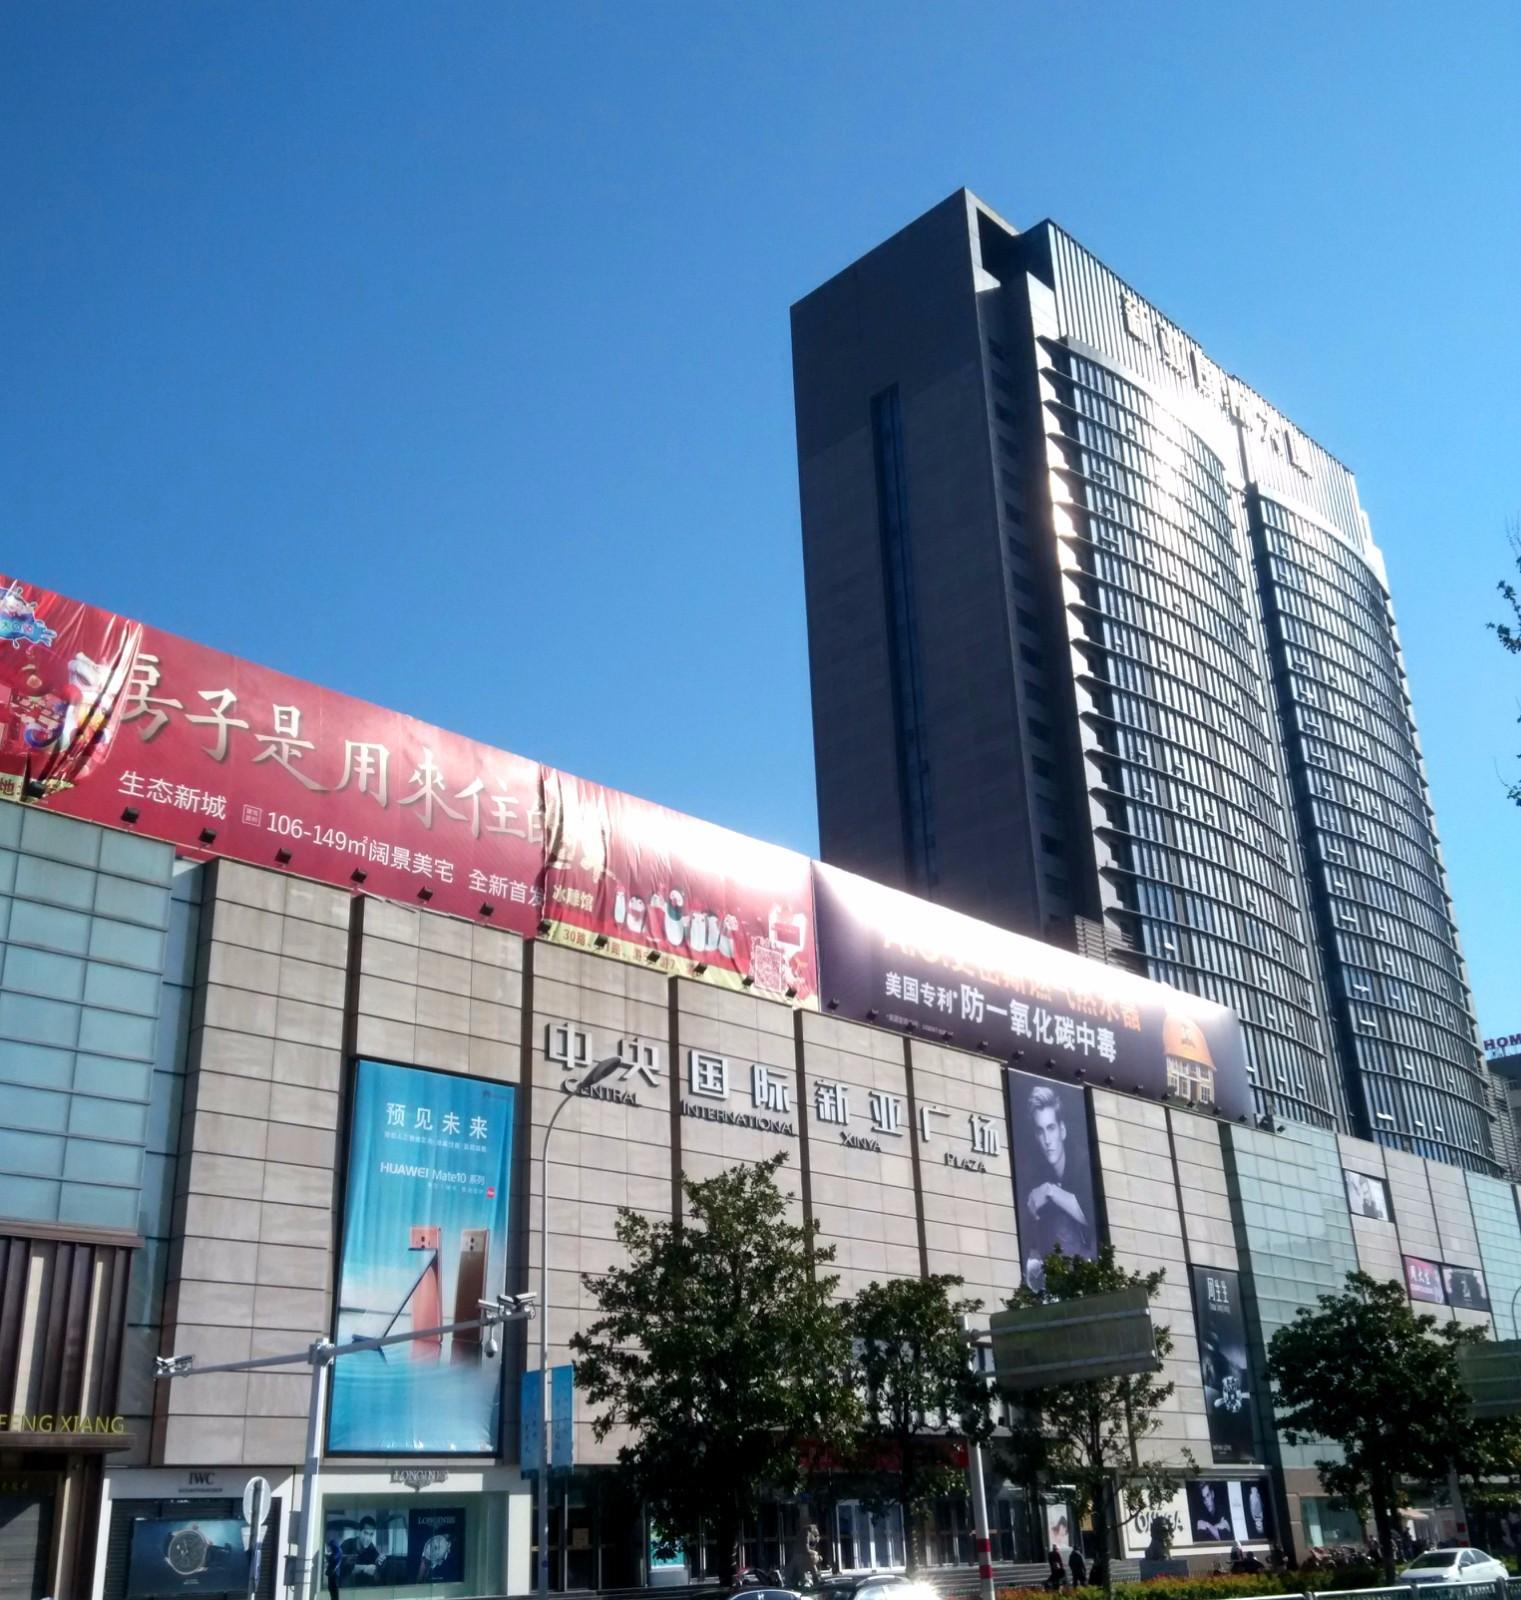 新亚广场_meitu_4.jpg